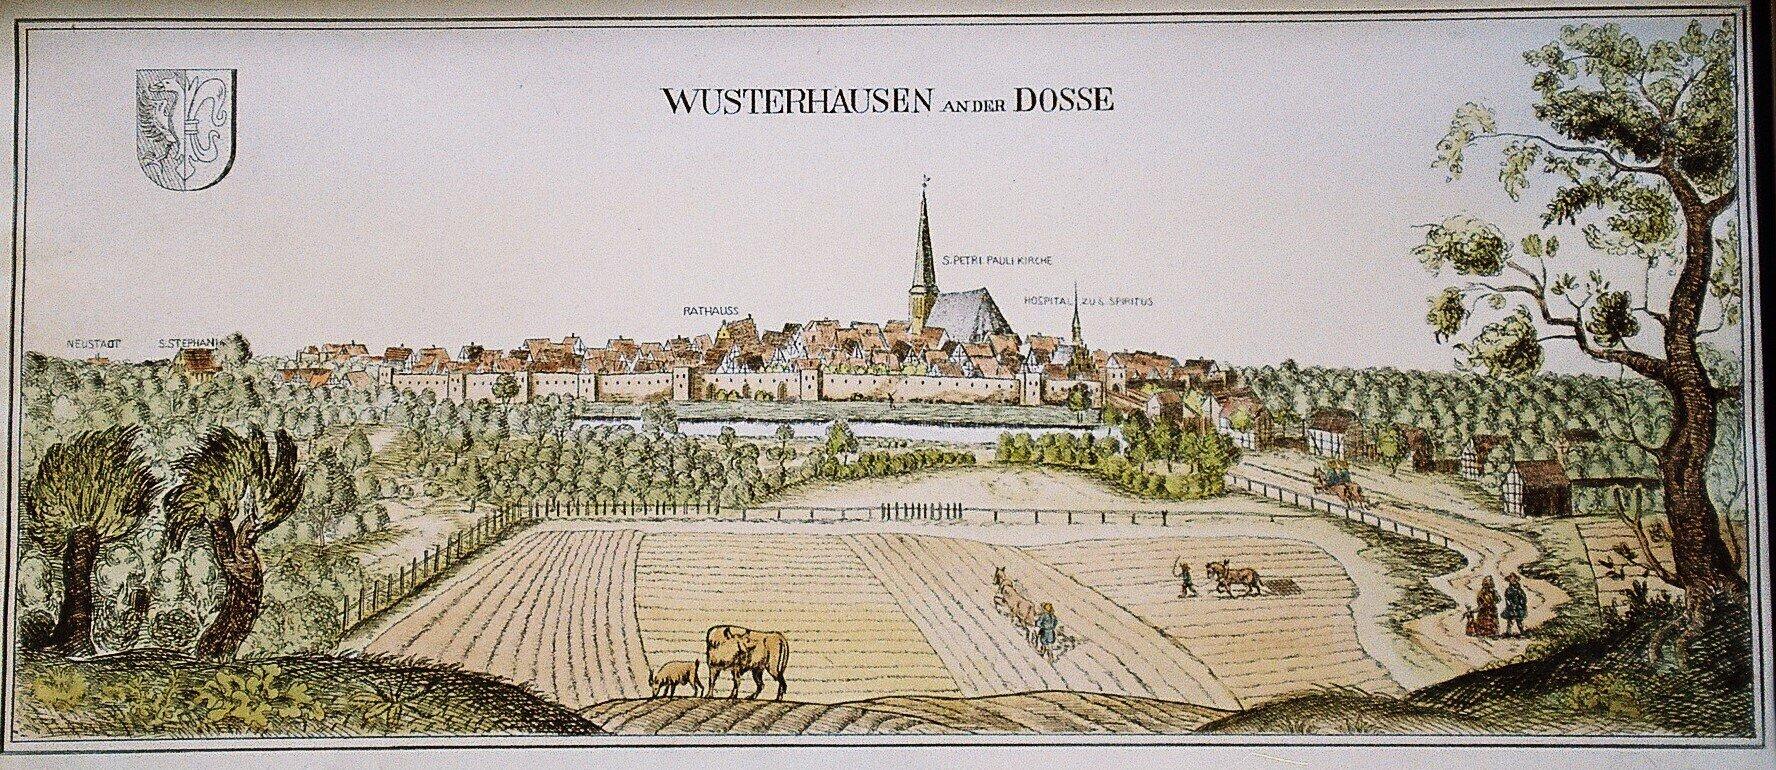 Kolorierte Kopie des Kupferstichs, Archiv Wegemuseum